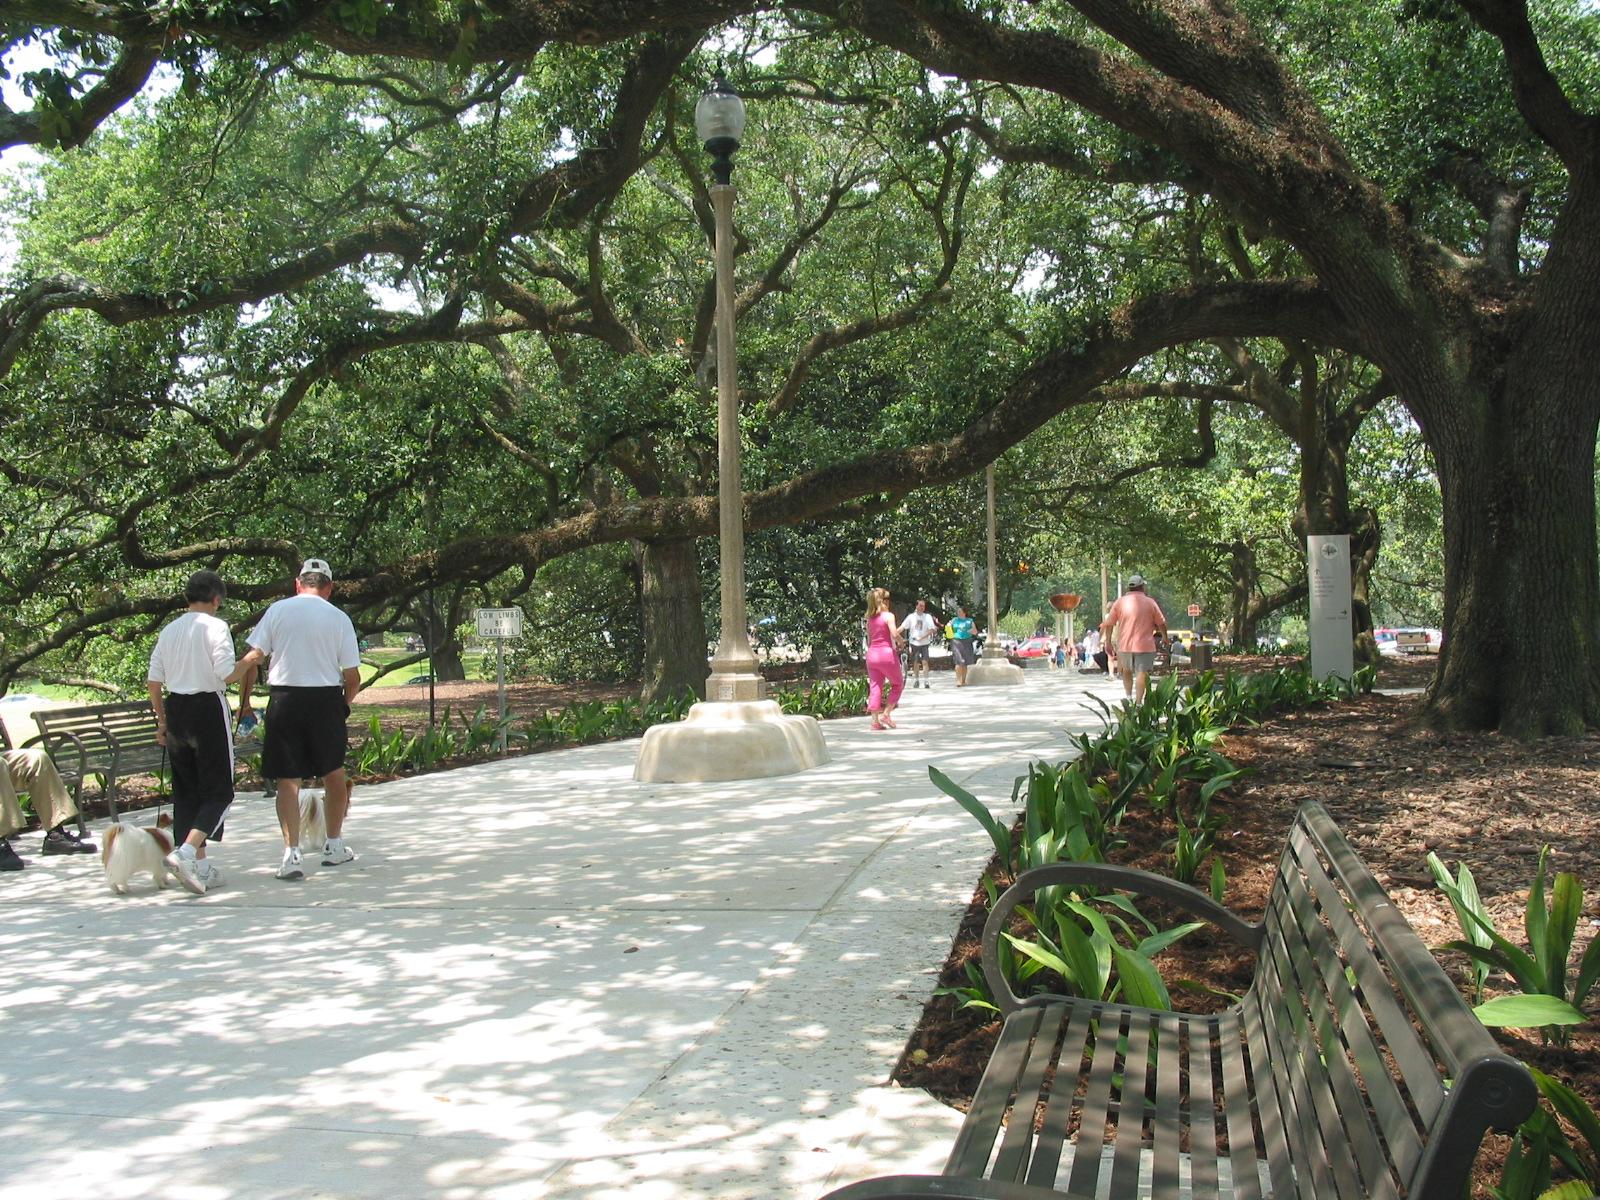 BREC's Baton Rouge City Park